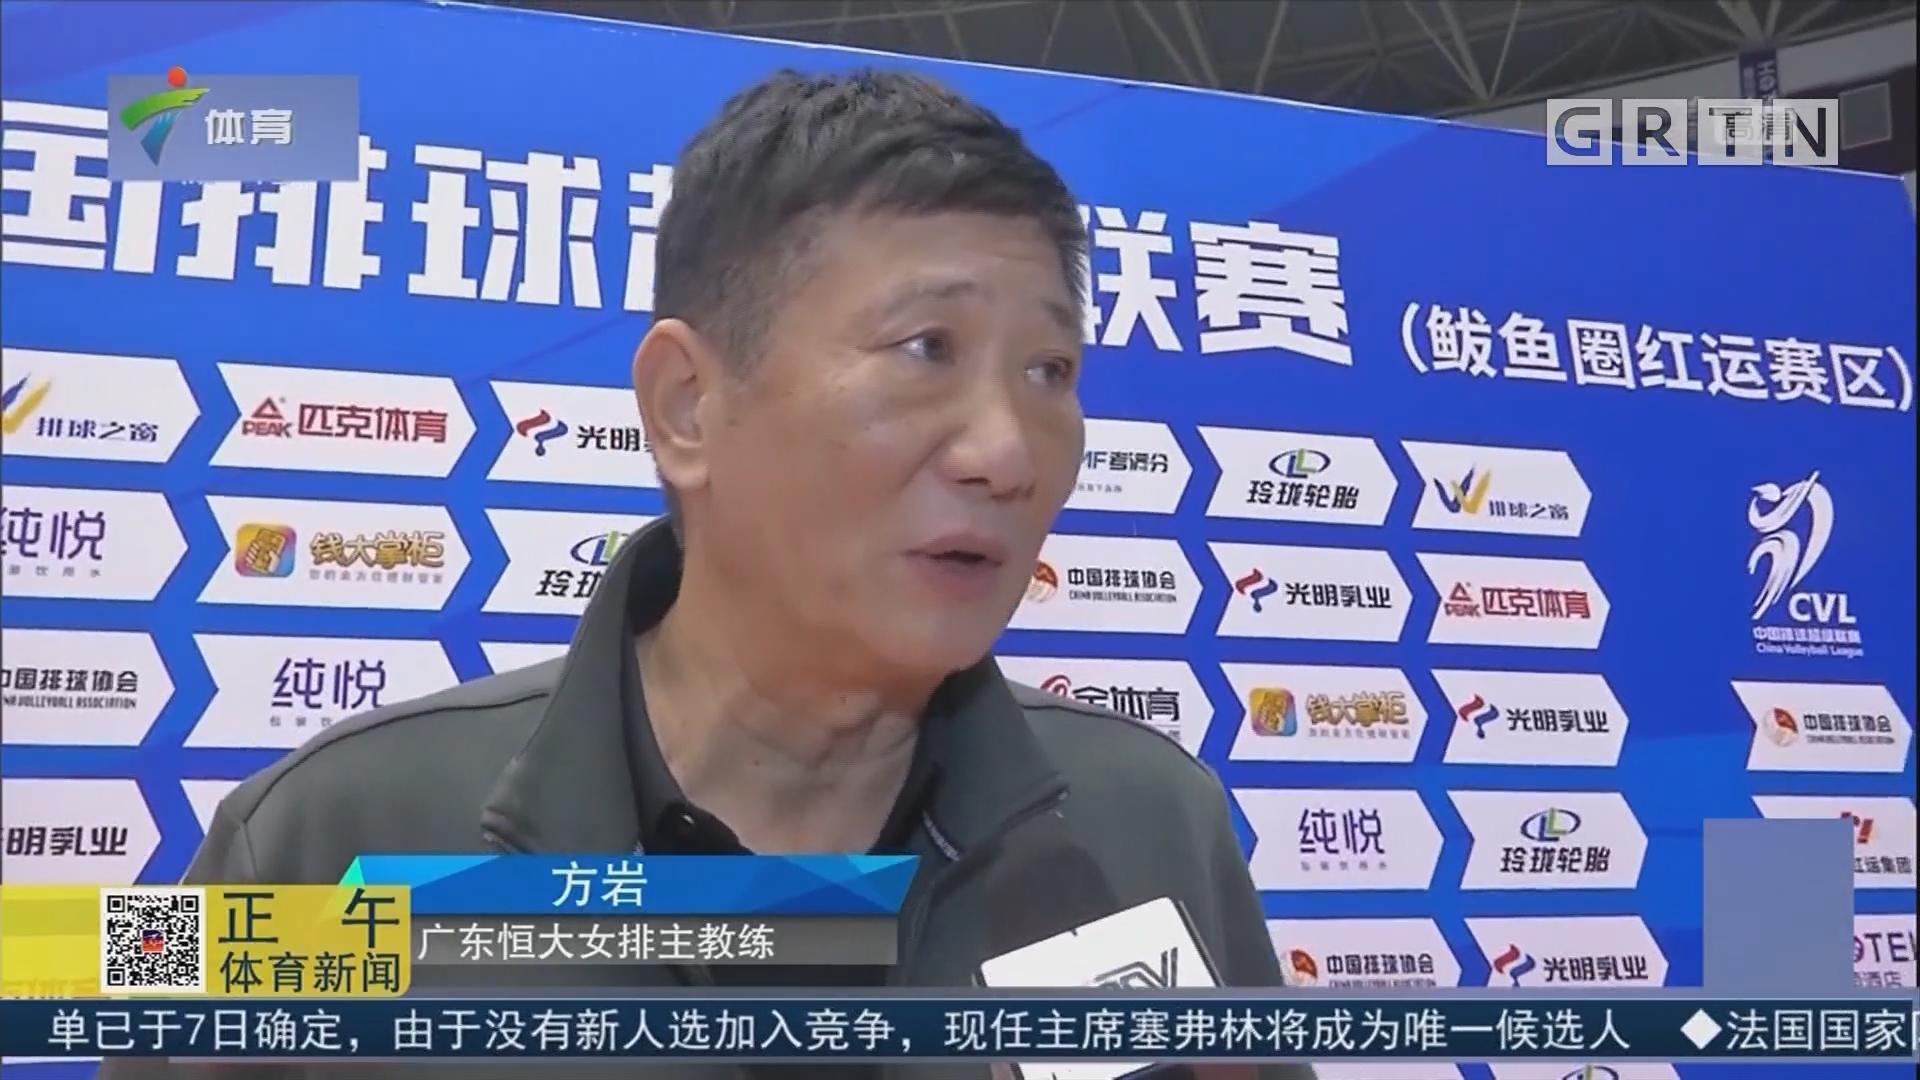 女排超级联赛 广东恒大女排取得开门红